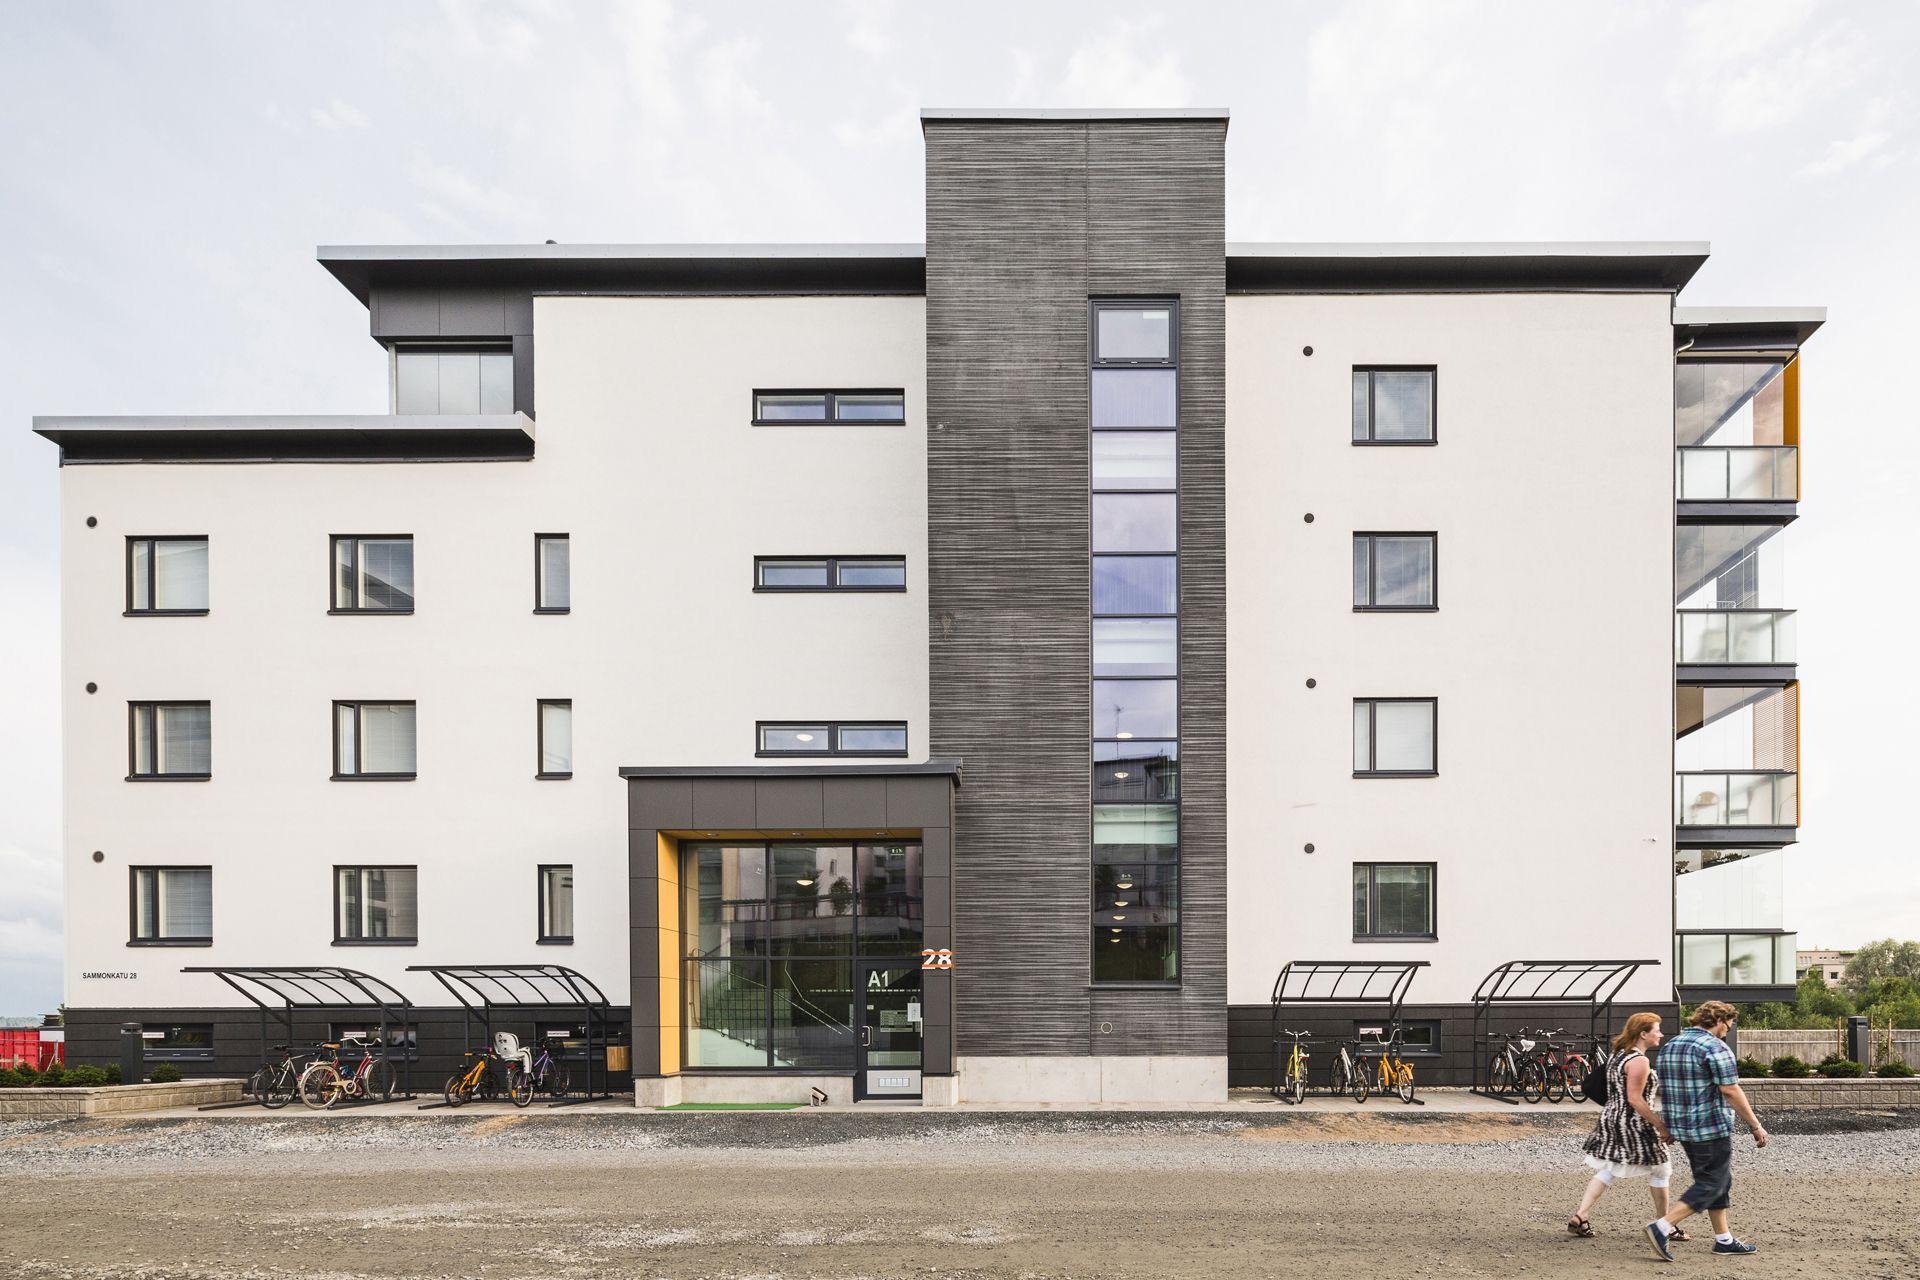 Pattern: Ikat negative. As Oy Kuopion Majakka, Finland 2015 (housing). Architecture by QVIM Arkkitehdit Oy, Prefabrication by Ämmän Betoni Oy. Photo by Kuvatoimisto Kuvio.